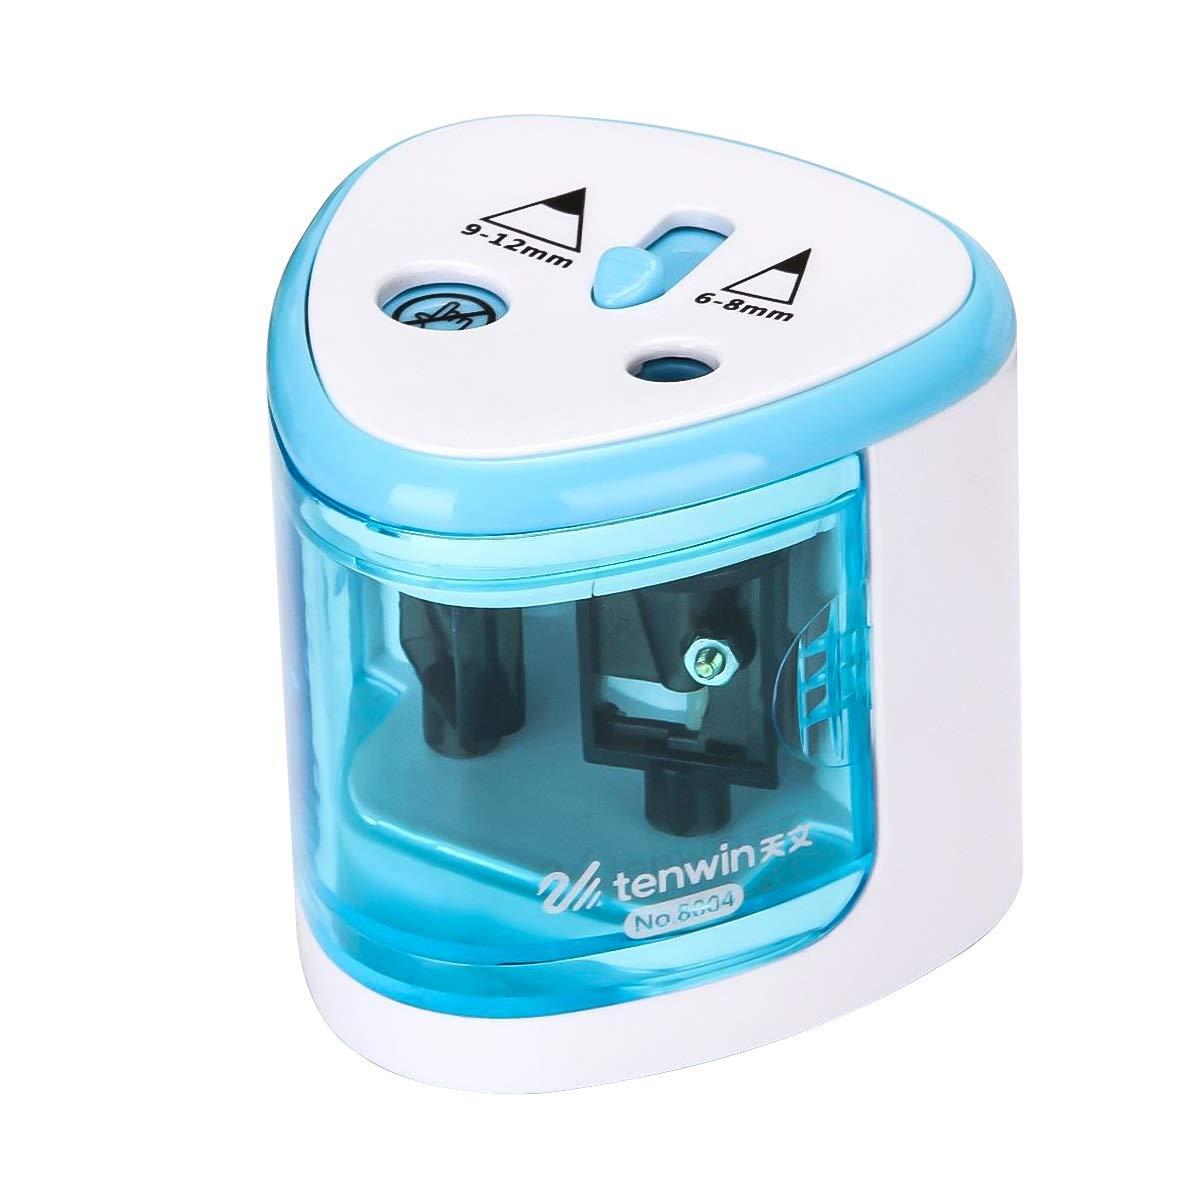 Color : Azul HaiQianXin Sacapuntas de l/ápiz autom/áticos el/éctricos con Doble Agujero Sacapuntas de l/ápiz de la Escuela Papeler/ía